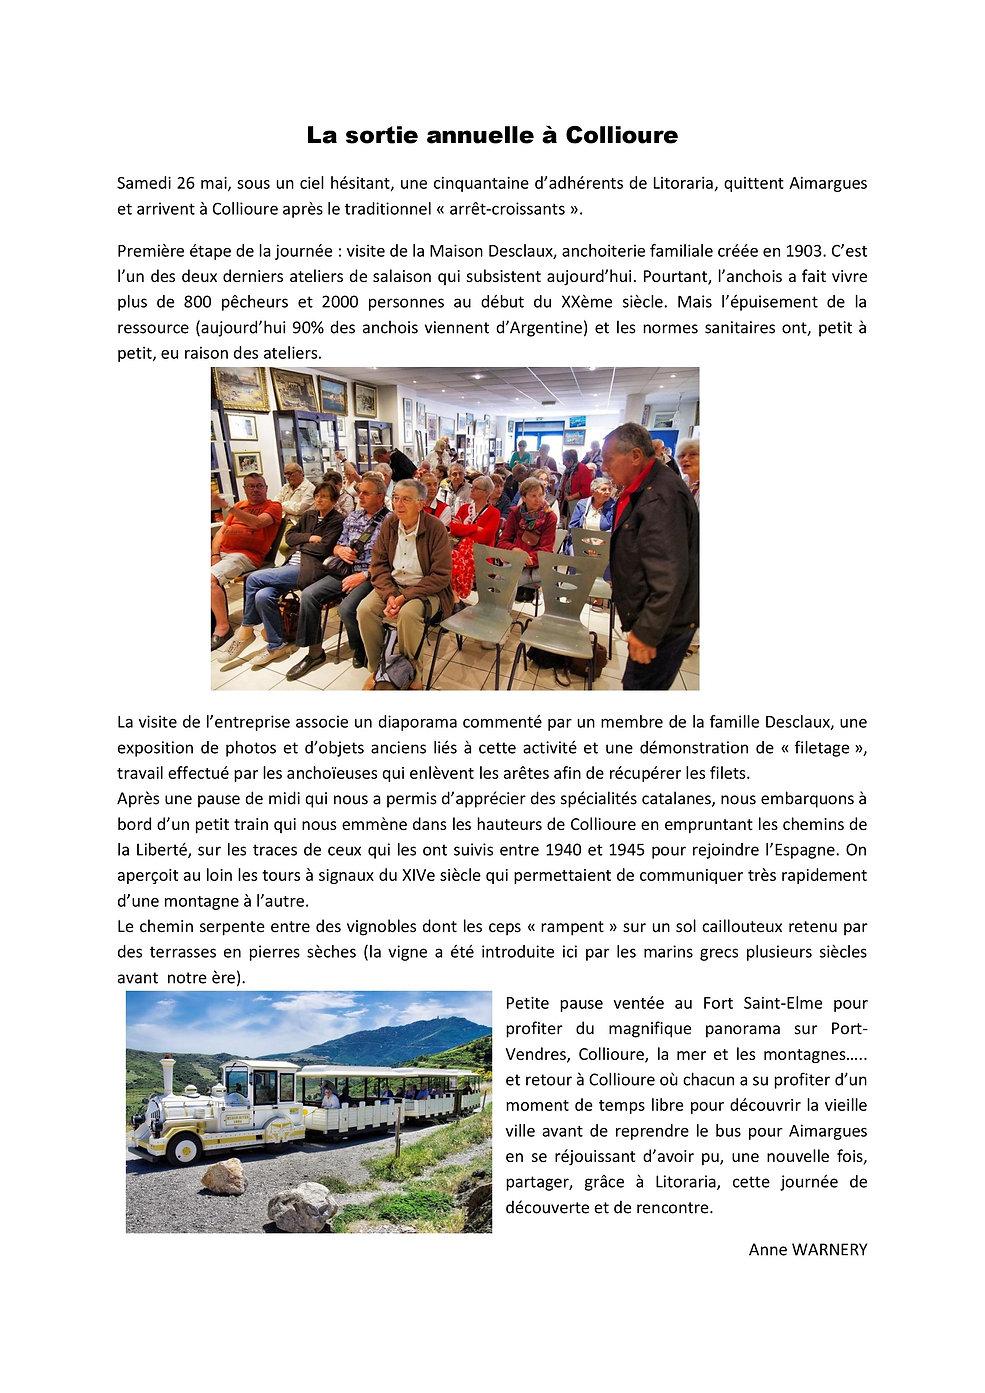 La_sortie_annuelle_à_Collioure-page-001.